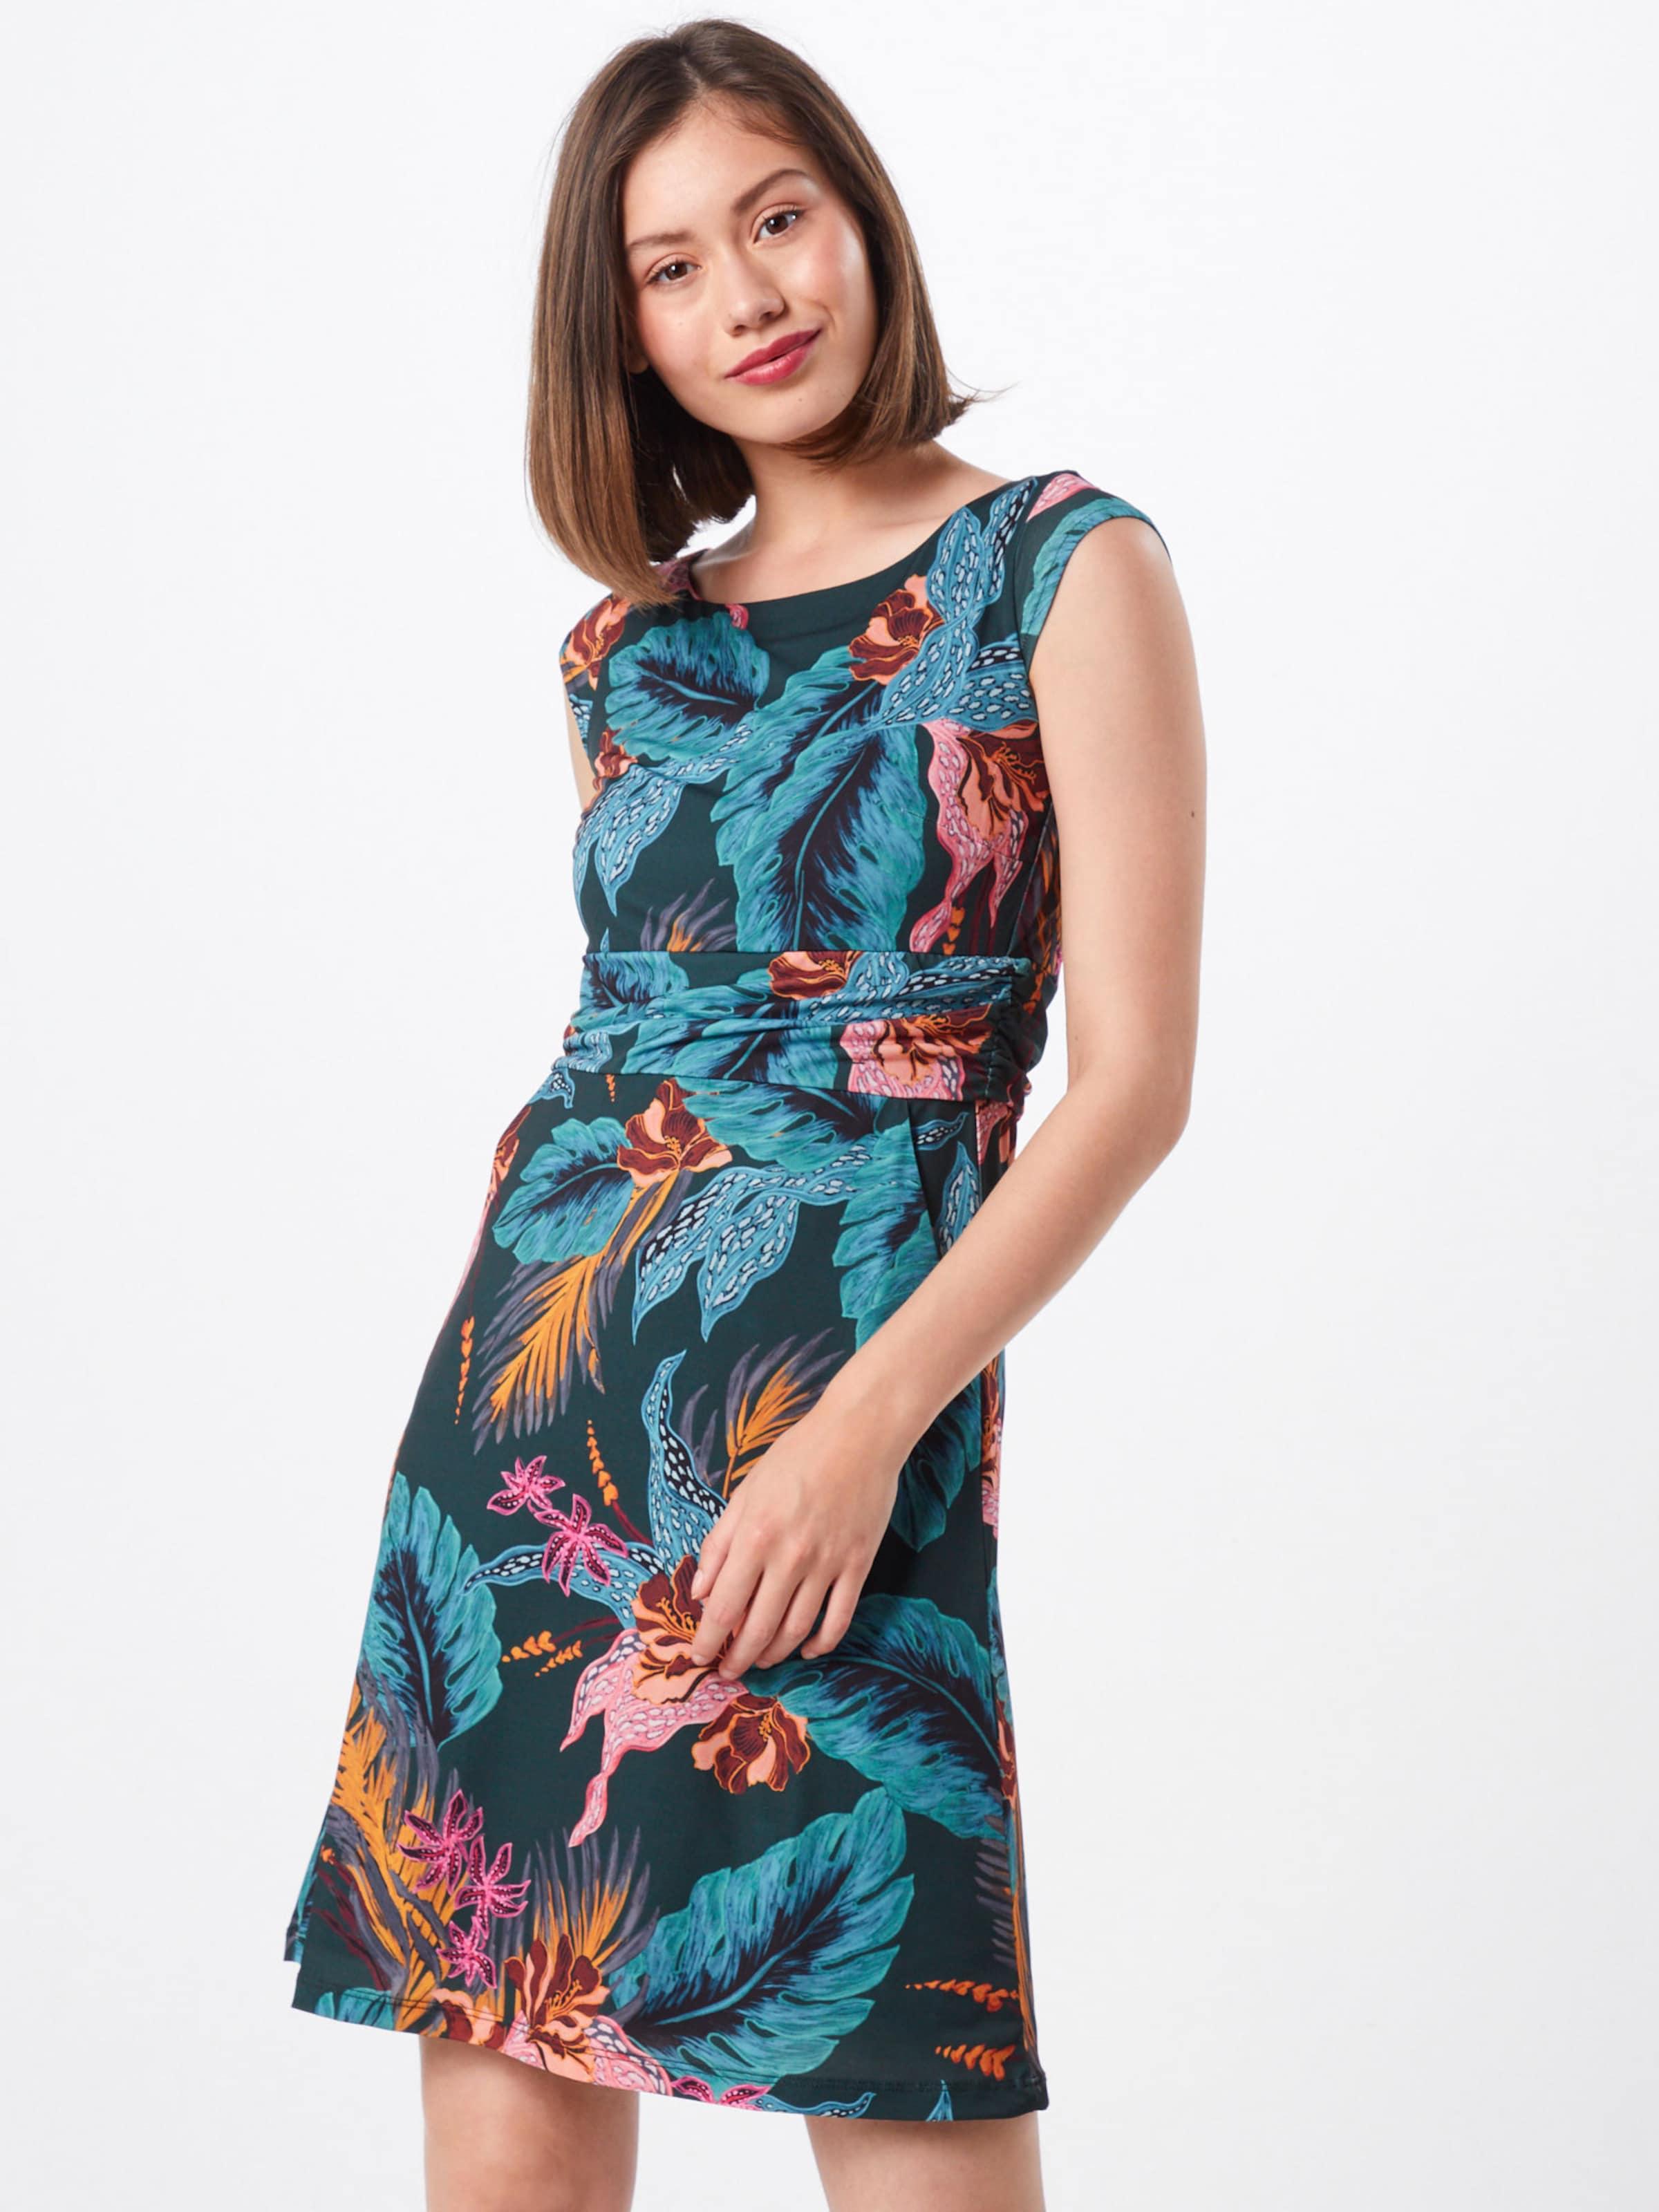 Kleid In Moreamp; In Kleid GrünMischfarben Moreamp; Kleid Moreamp; In GrünMischfarben OZwXlPkiuT